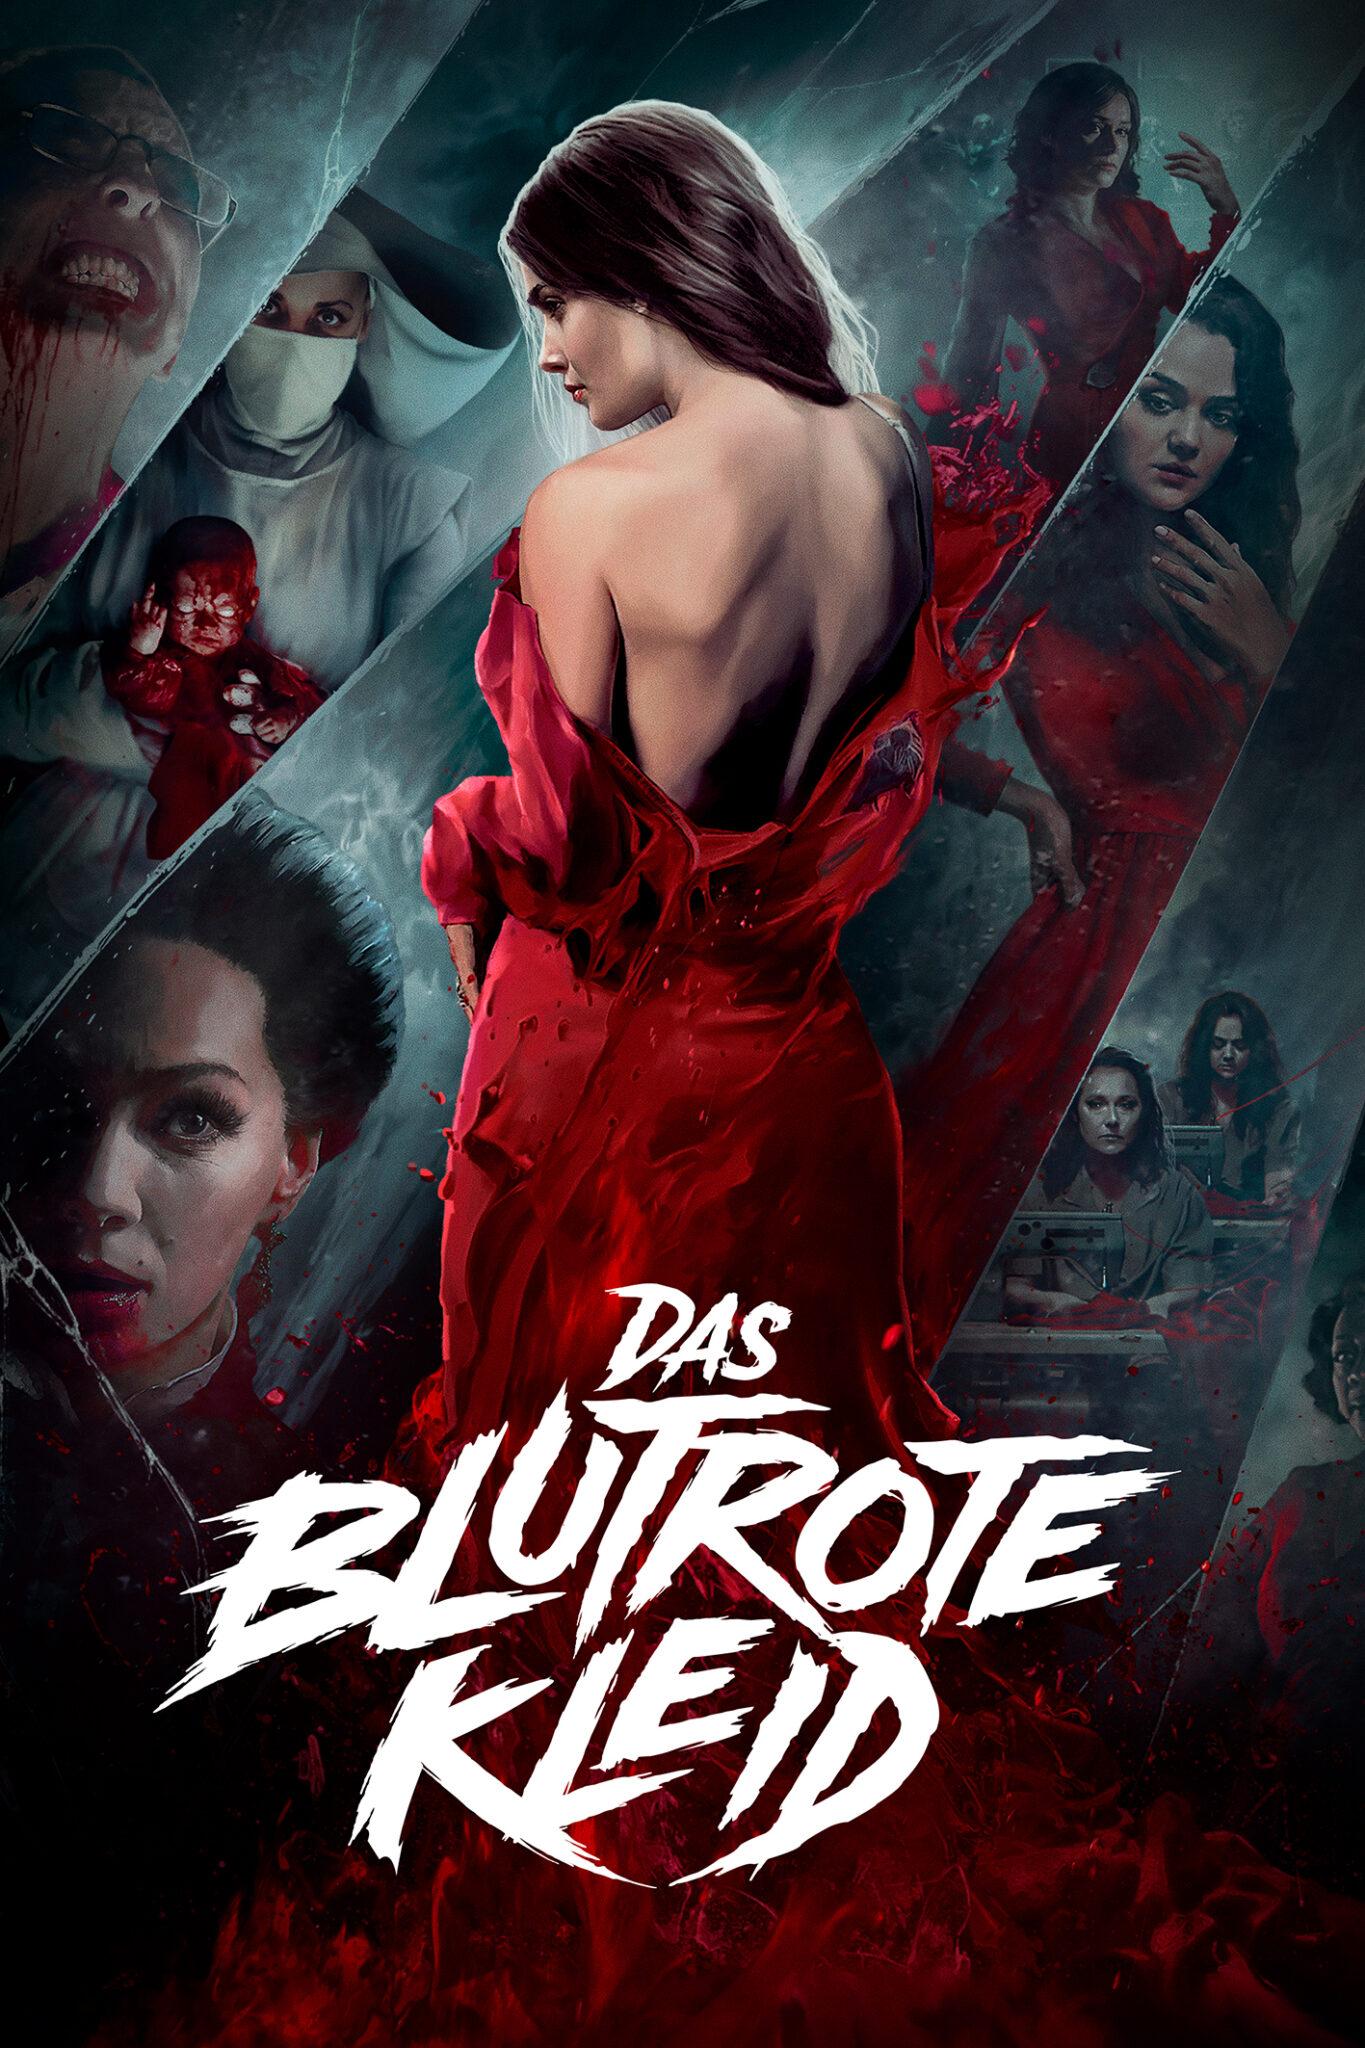 Auf dem Plakat zu Das blutrote Kleid sieht man gezeichnet eine Frau mit dem roten Kleid von hinten und im Hintergrund einige Glasscherben, die verschiedene Szenen andeuten.